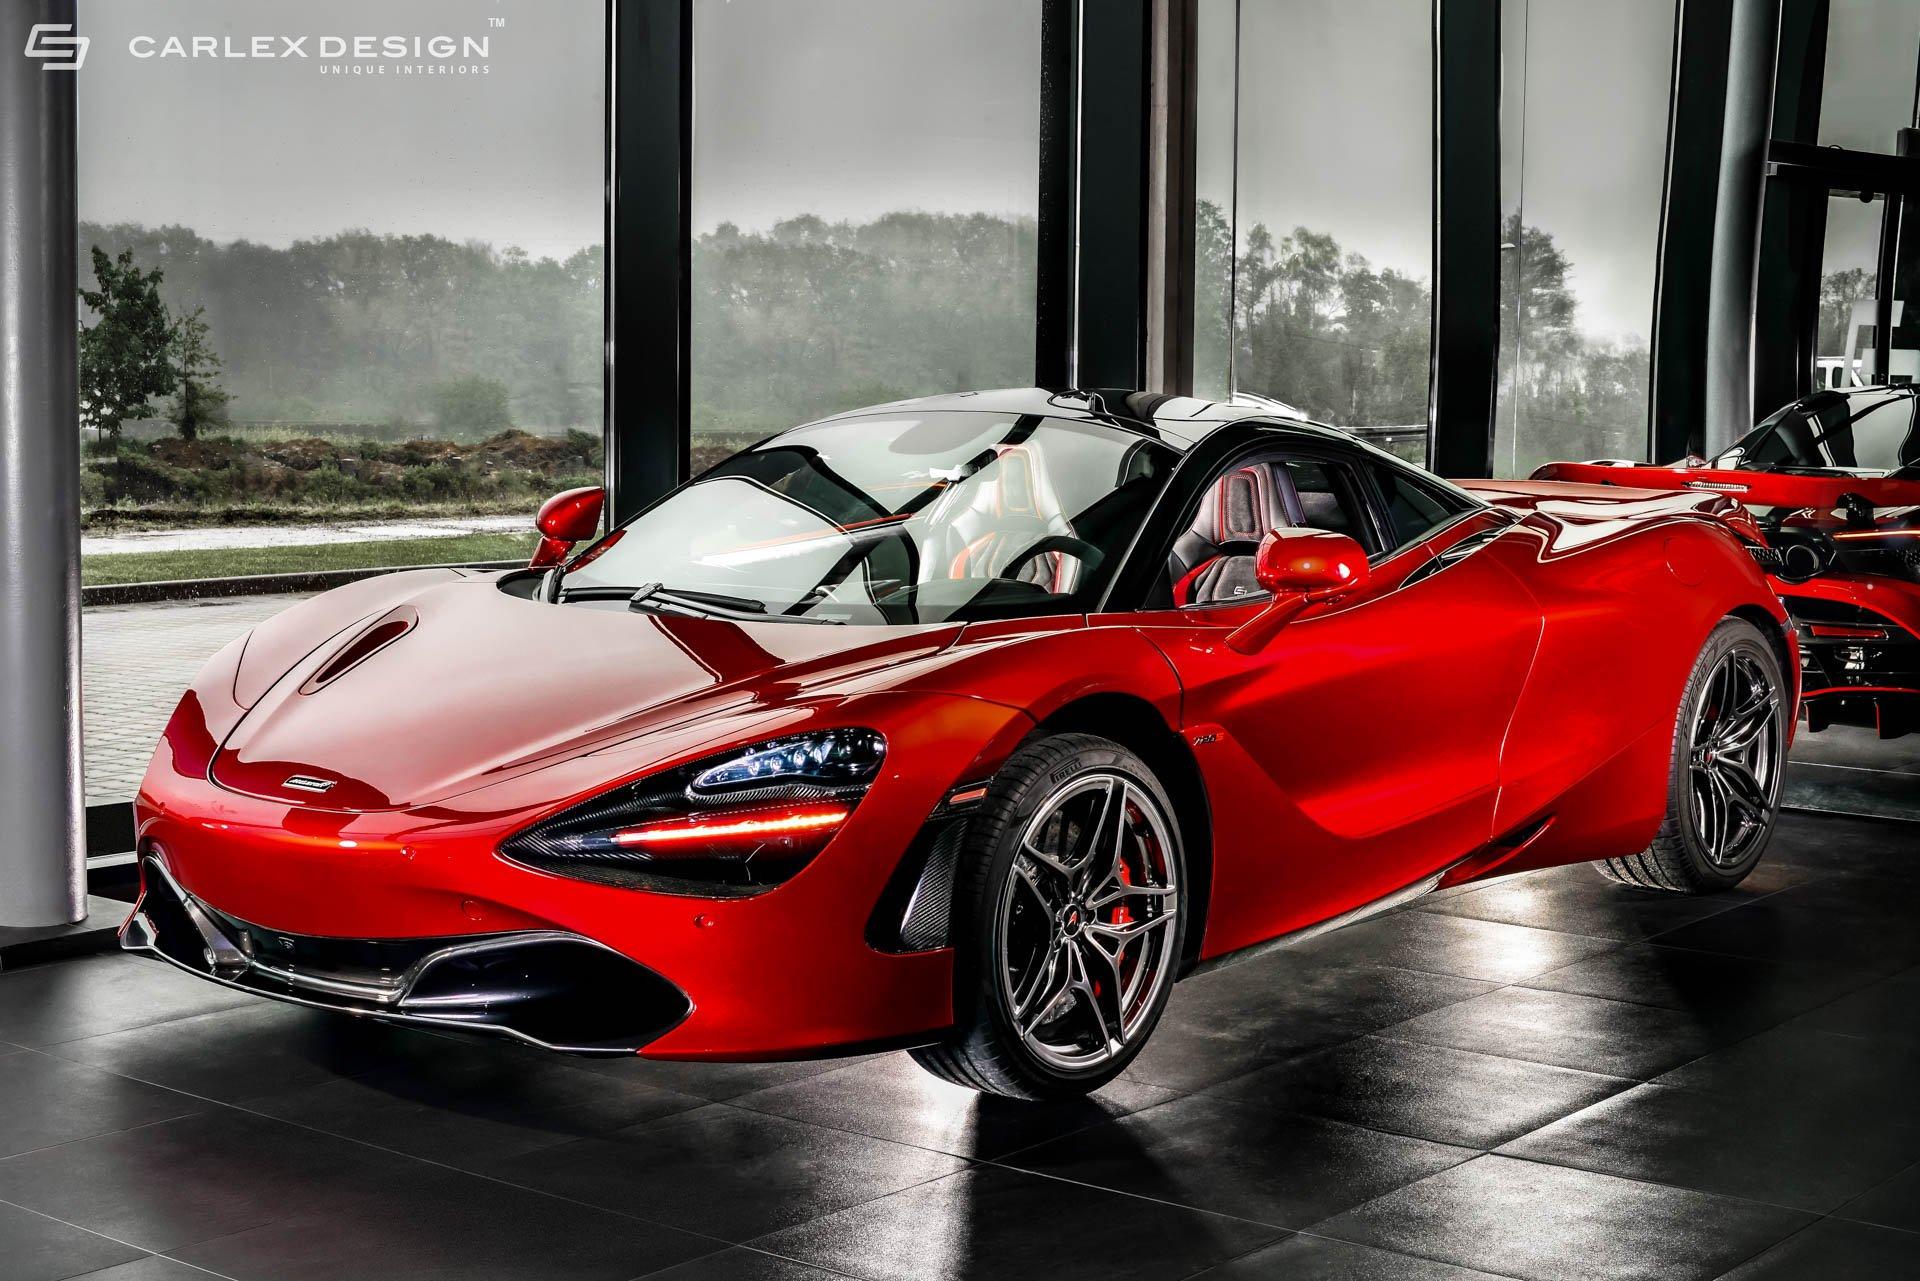 McLaren_720S_Carlex_design_0021